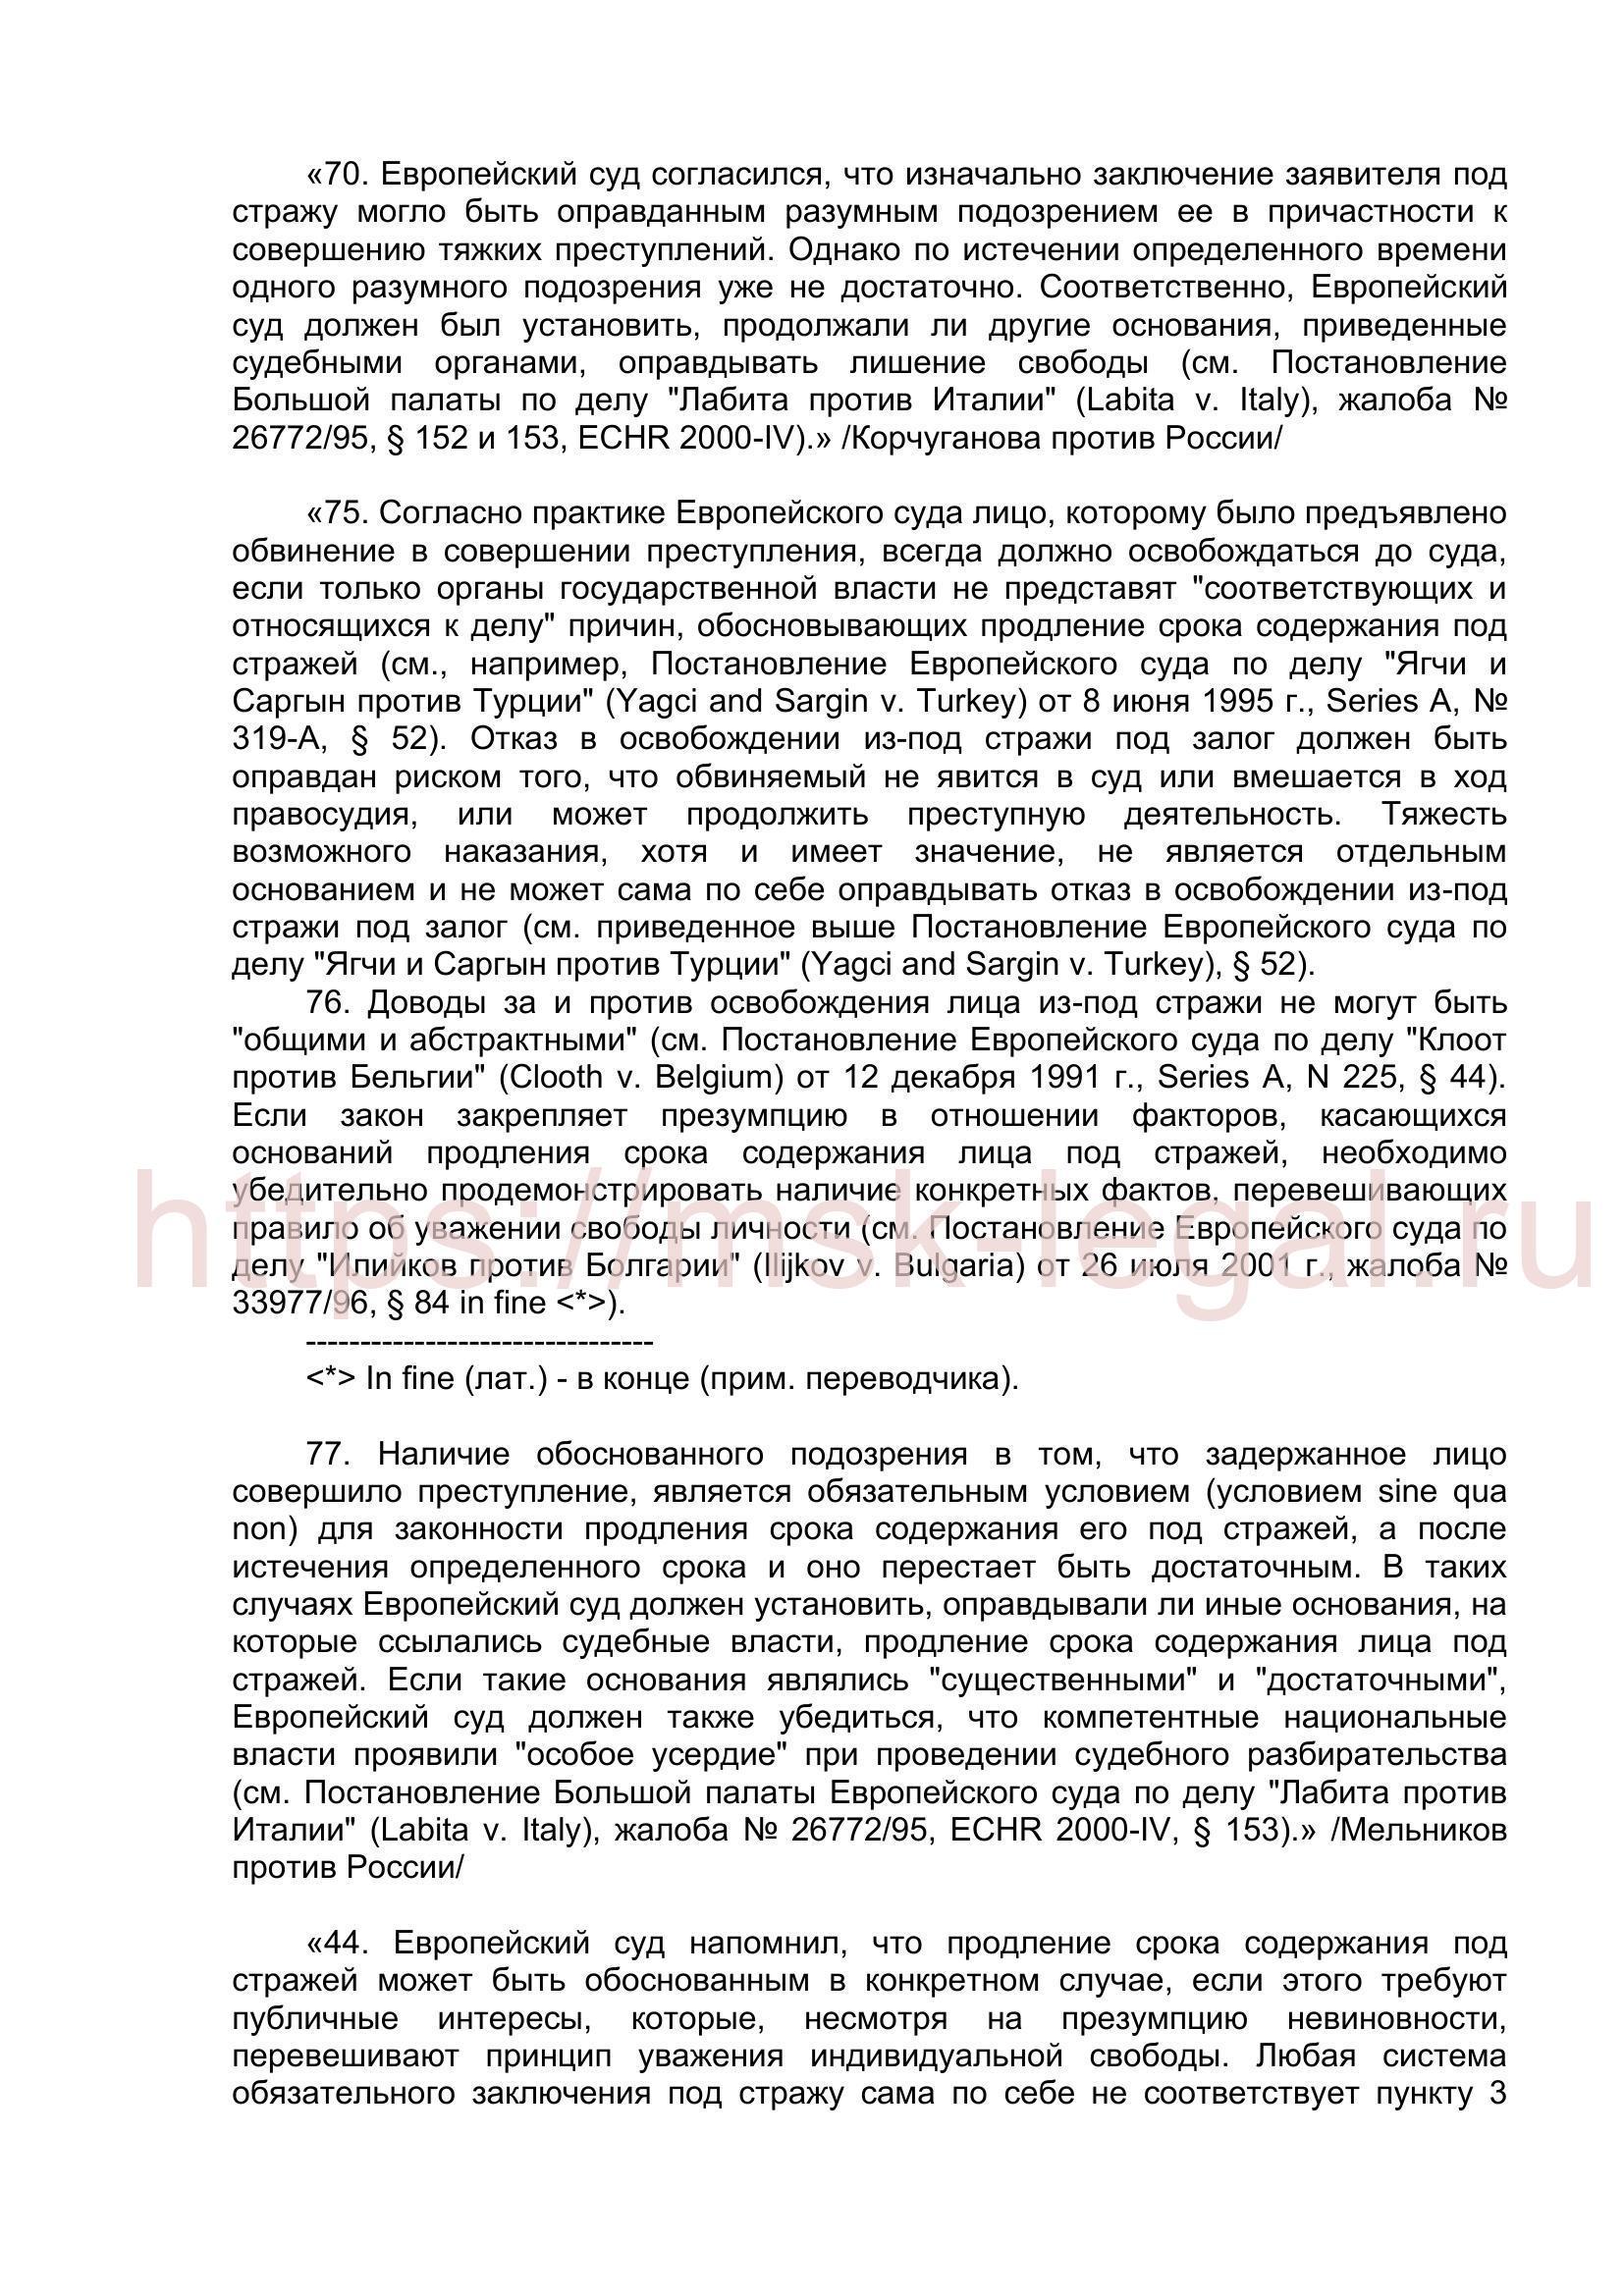 Заявление против применения меры пресечения в виде заключения под стражу